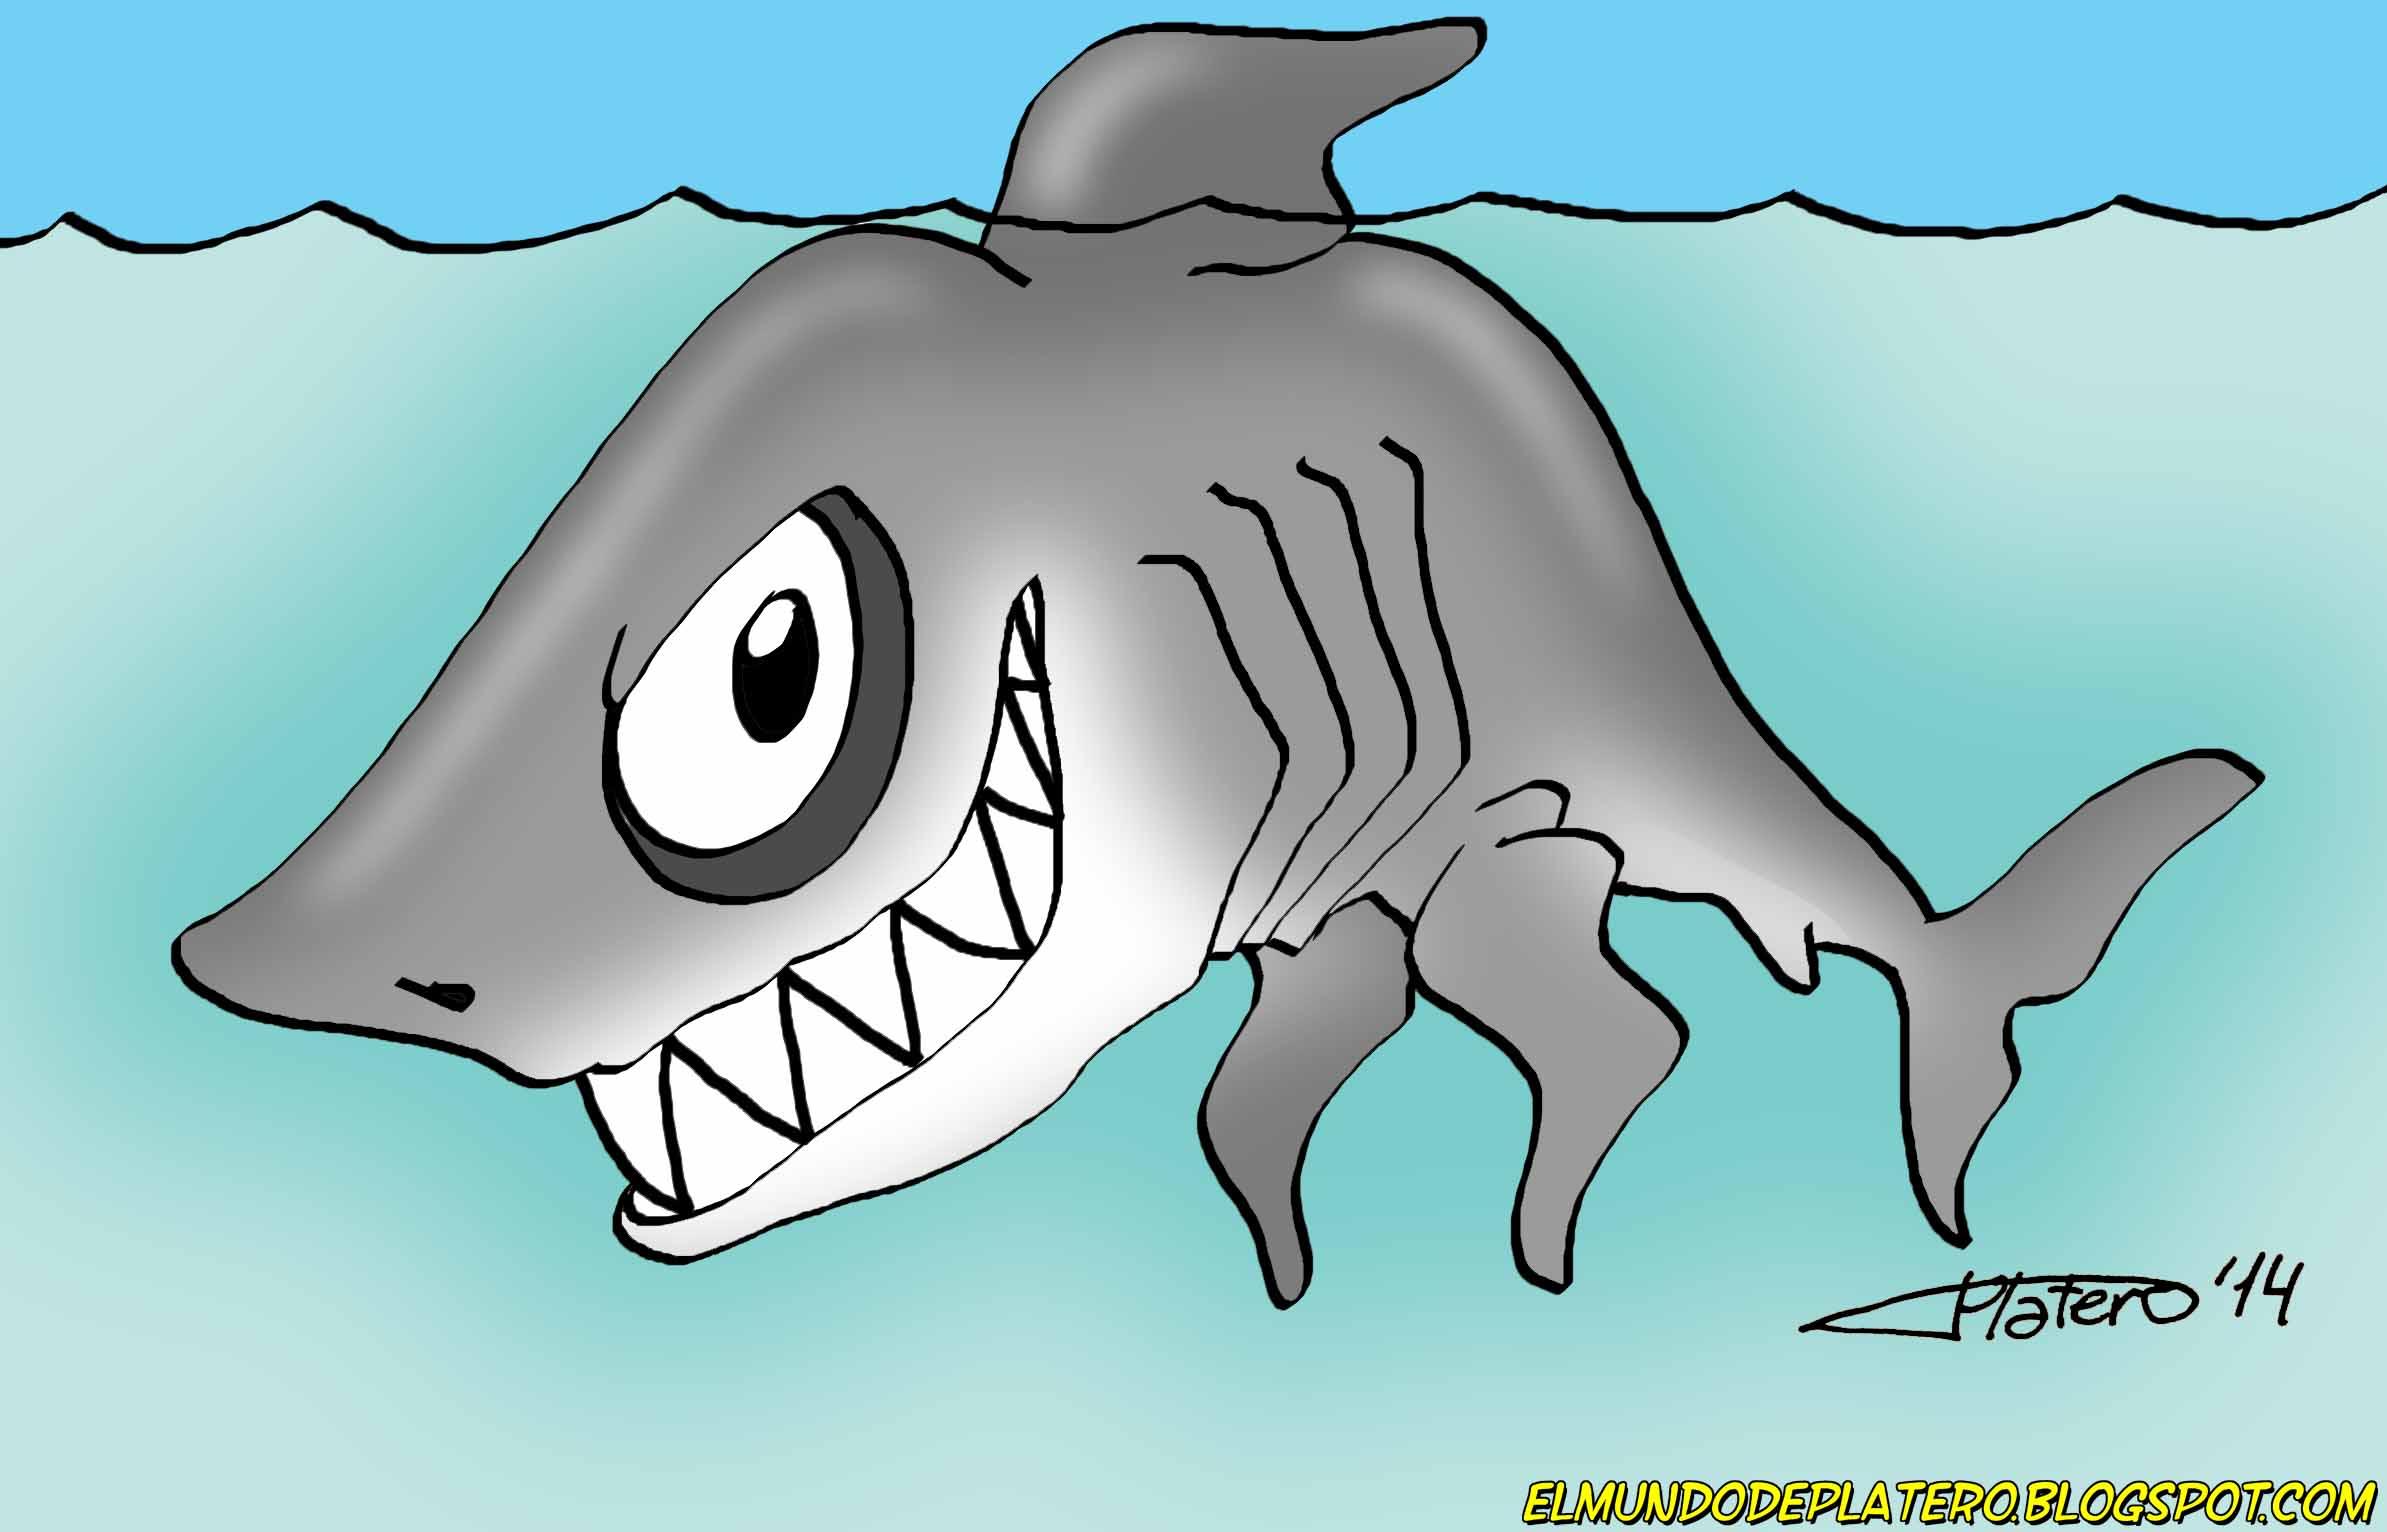 ilustraciones_infantiles_tiburón_dibujos_infantiles_por_encargo_elmundodeplatero